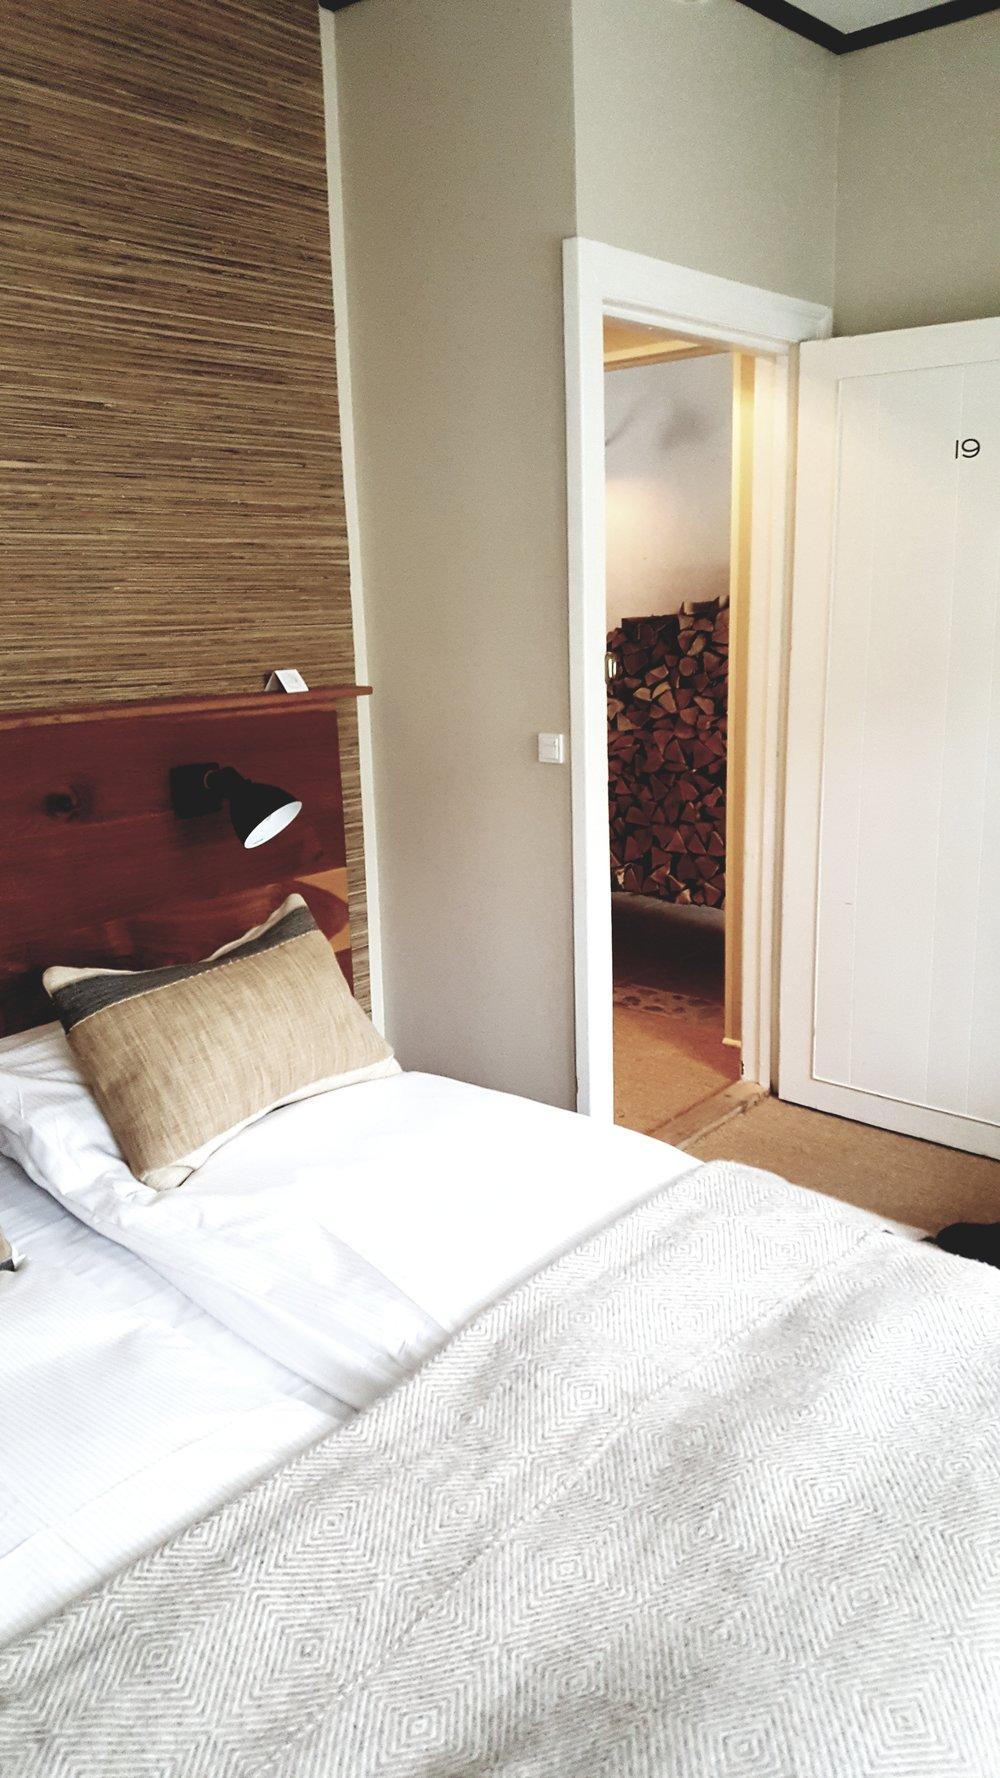 Tisvilde room.jpg